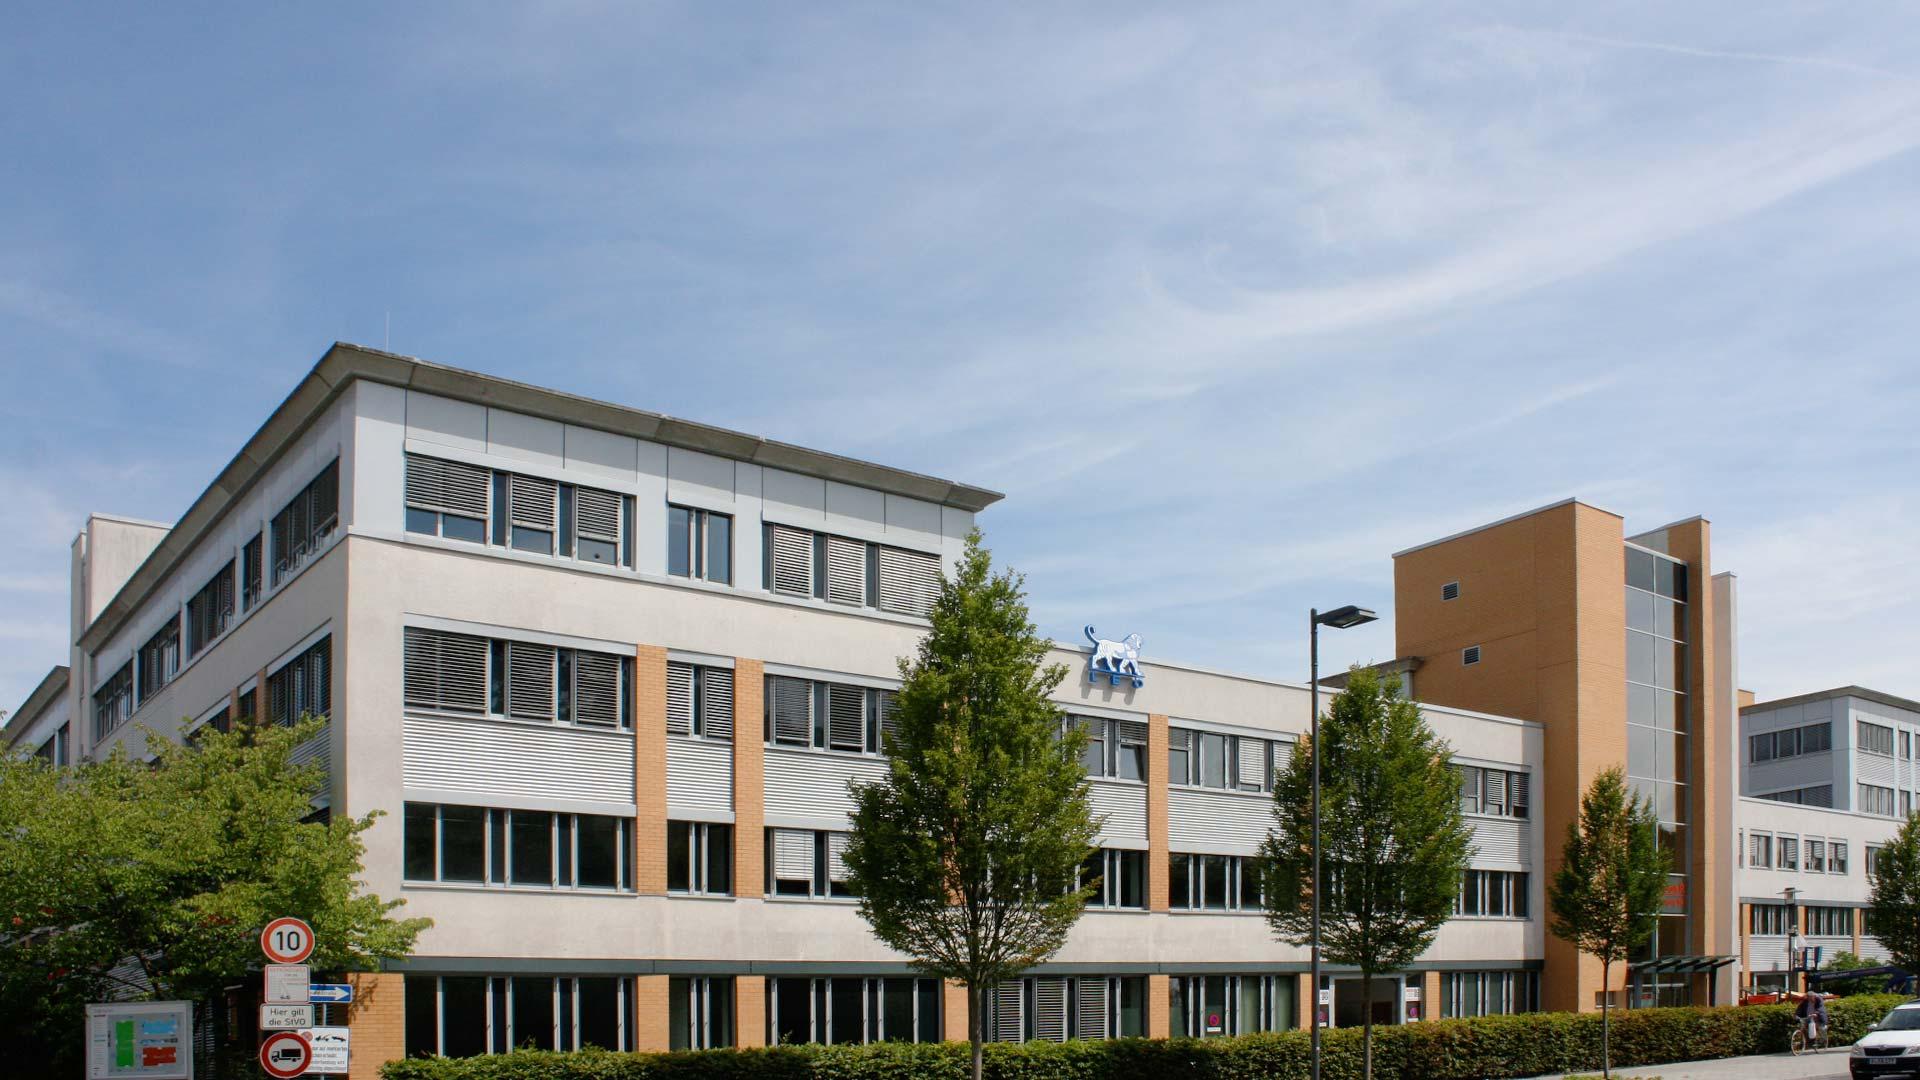 MAASS-Lichtplanung_Lichtwerbung für die LEO Pharma GmbH__MAASS-Leo-Pharma-003